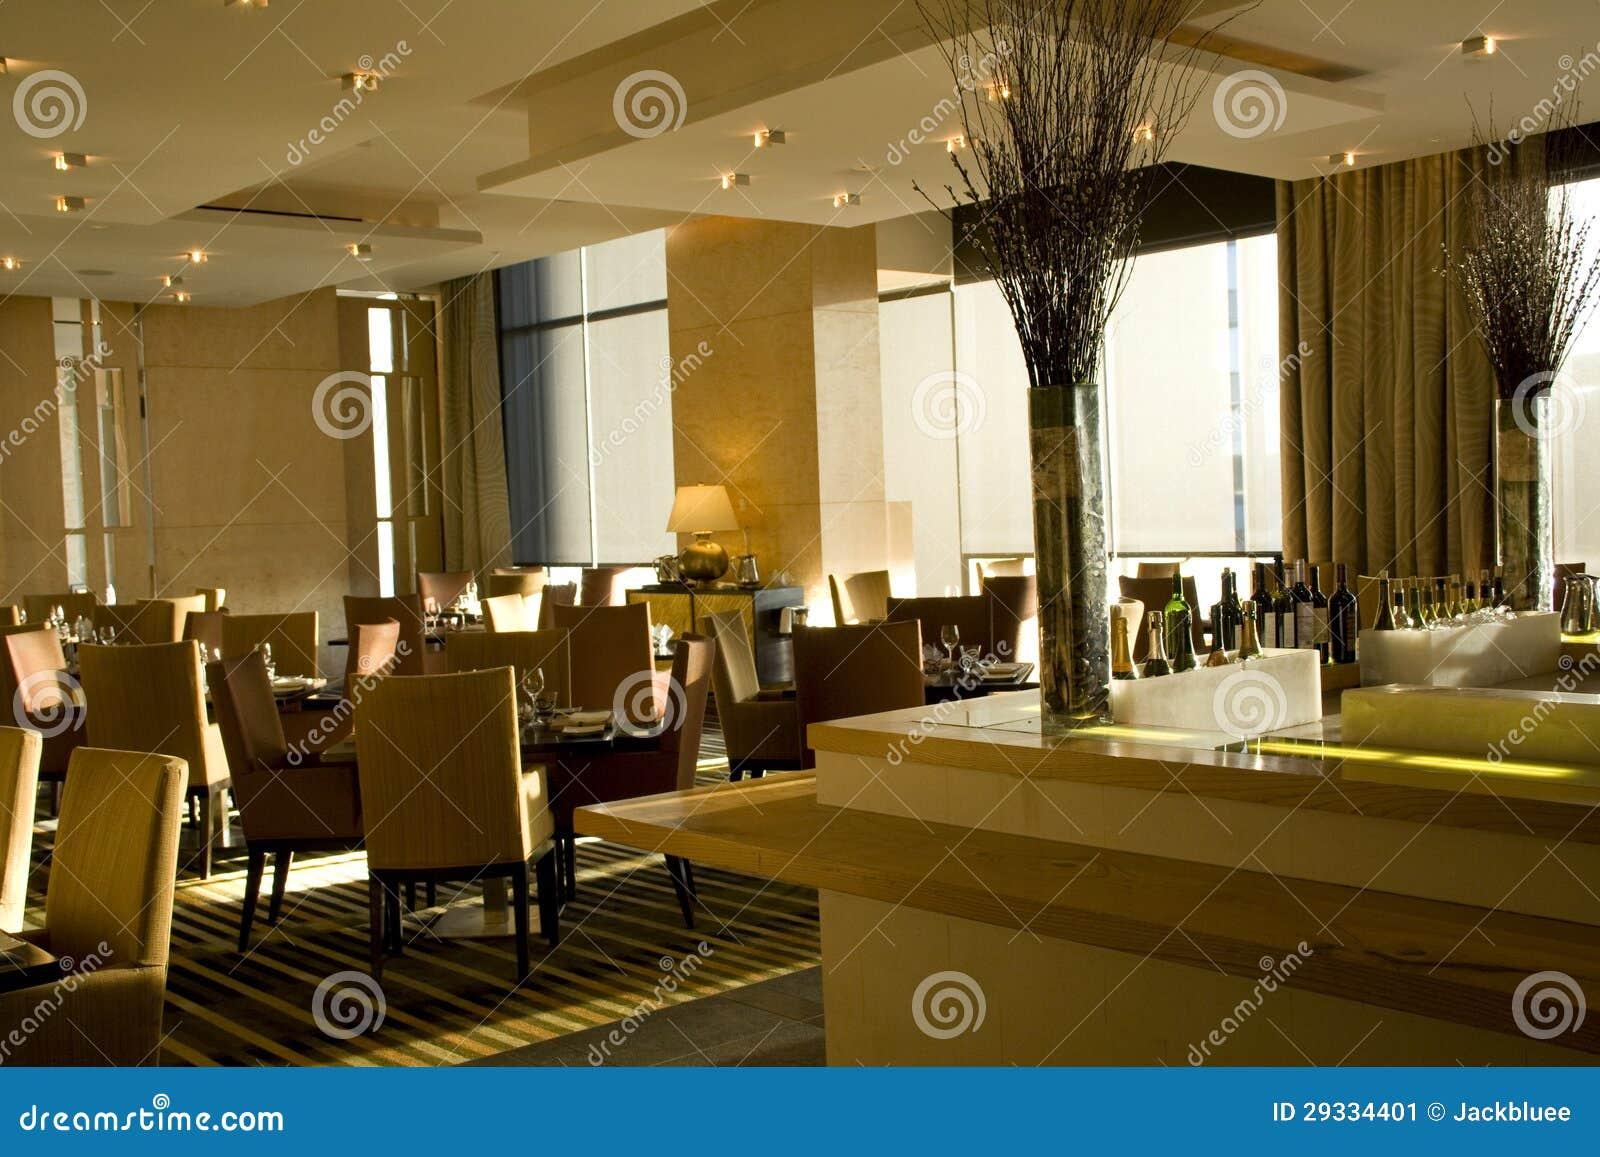 Interiores de lujo del restaurante de la barra imagen de for Disenos de interiores restaurantes